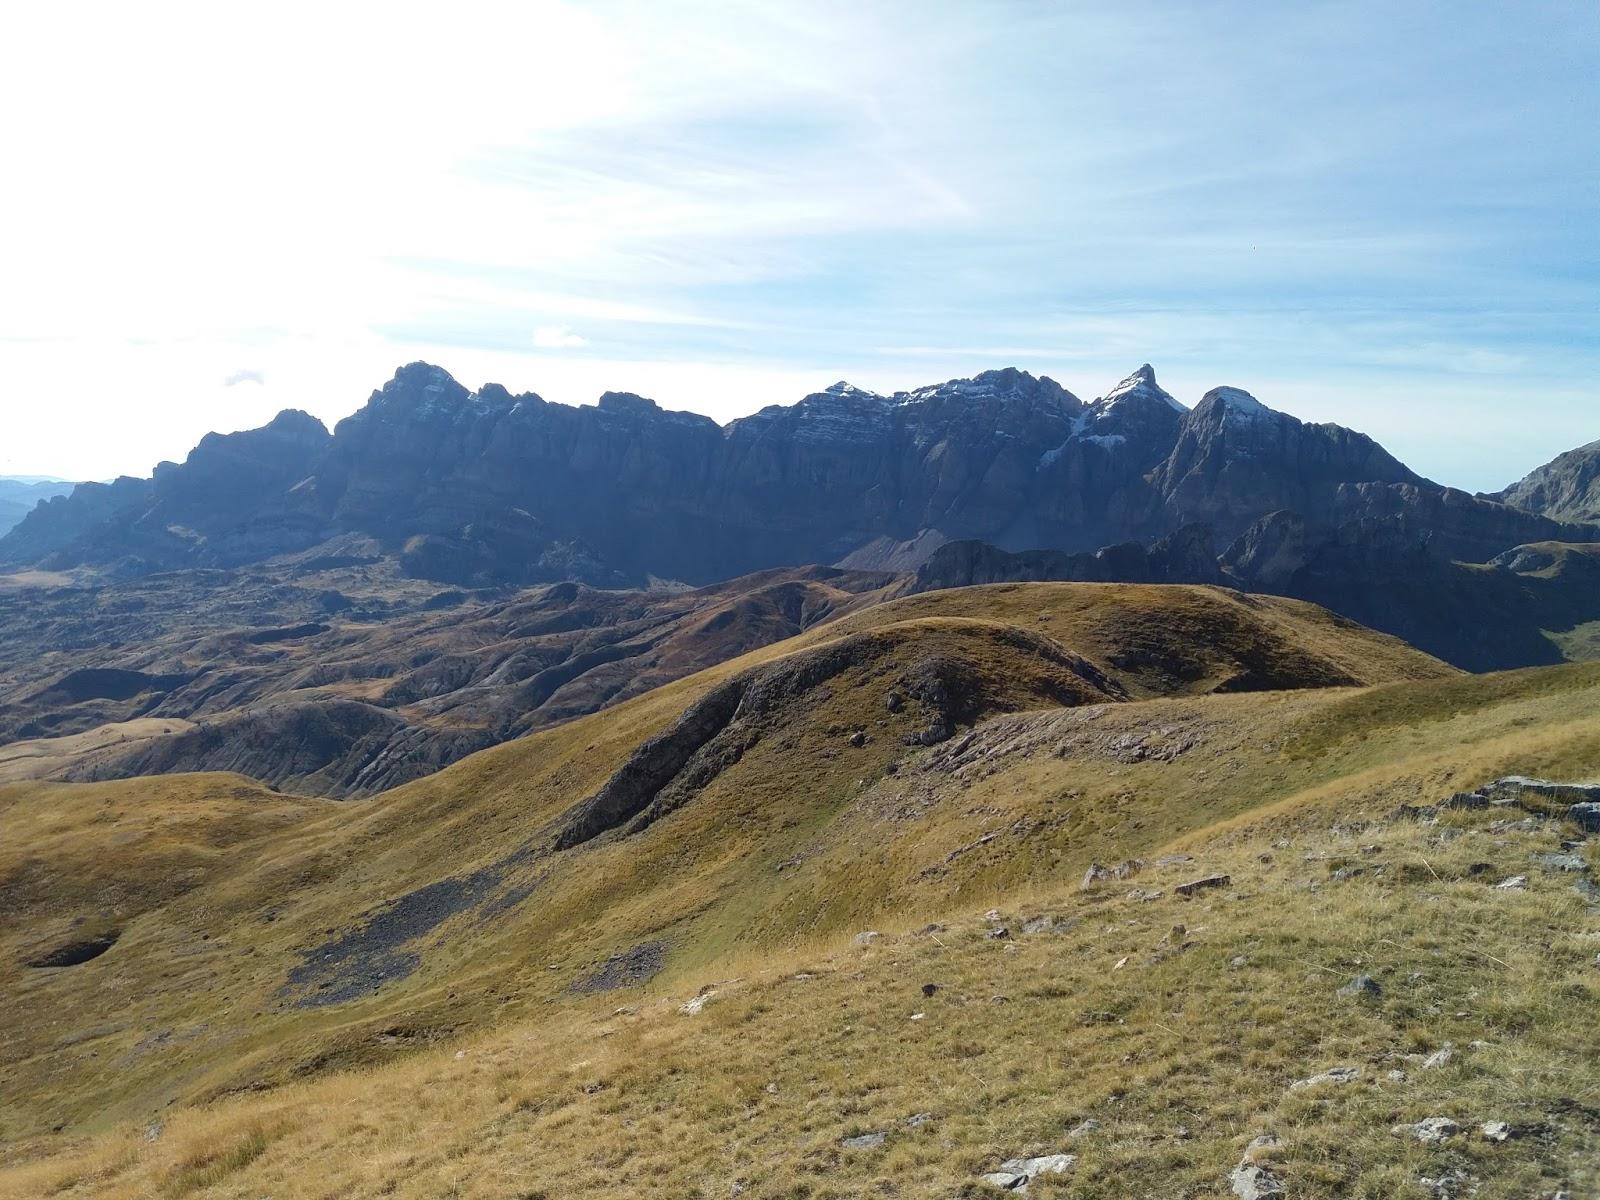 yotiroparriba: Pico Tres Hombres y Peña Sorpena desde el parkig de ...